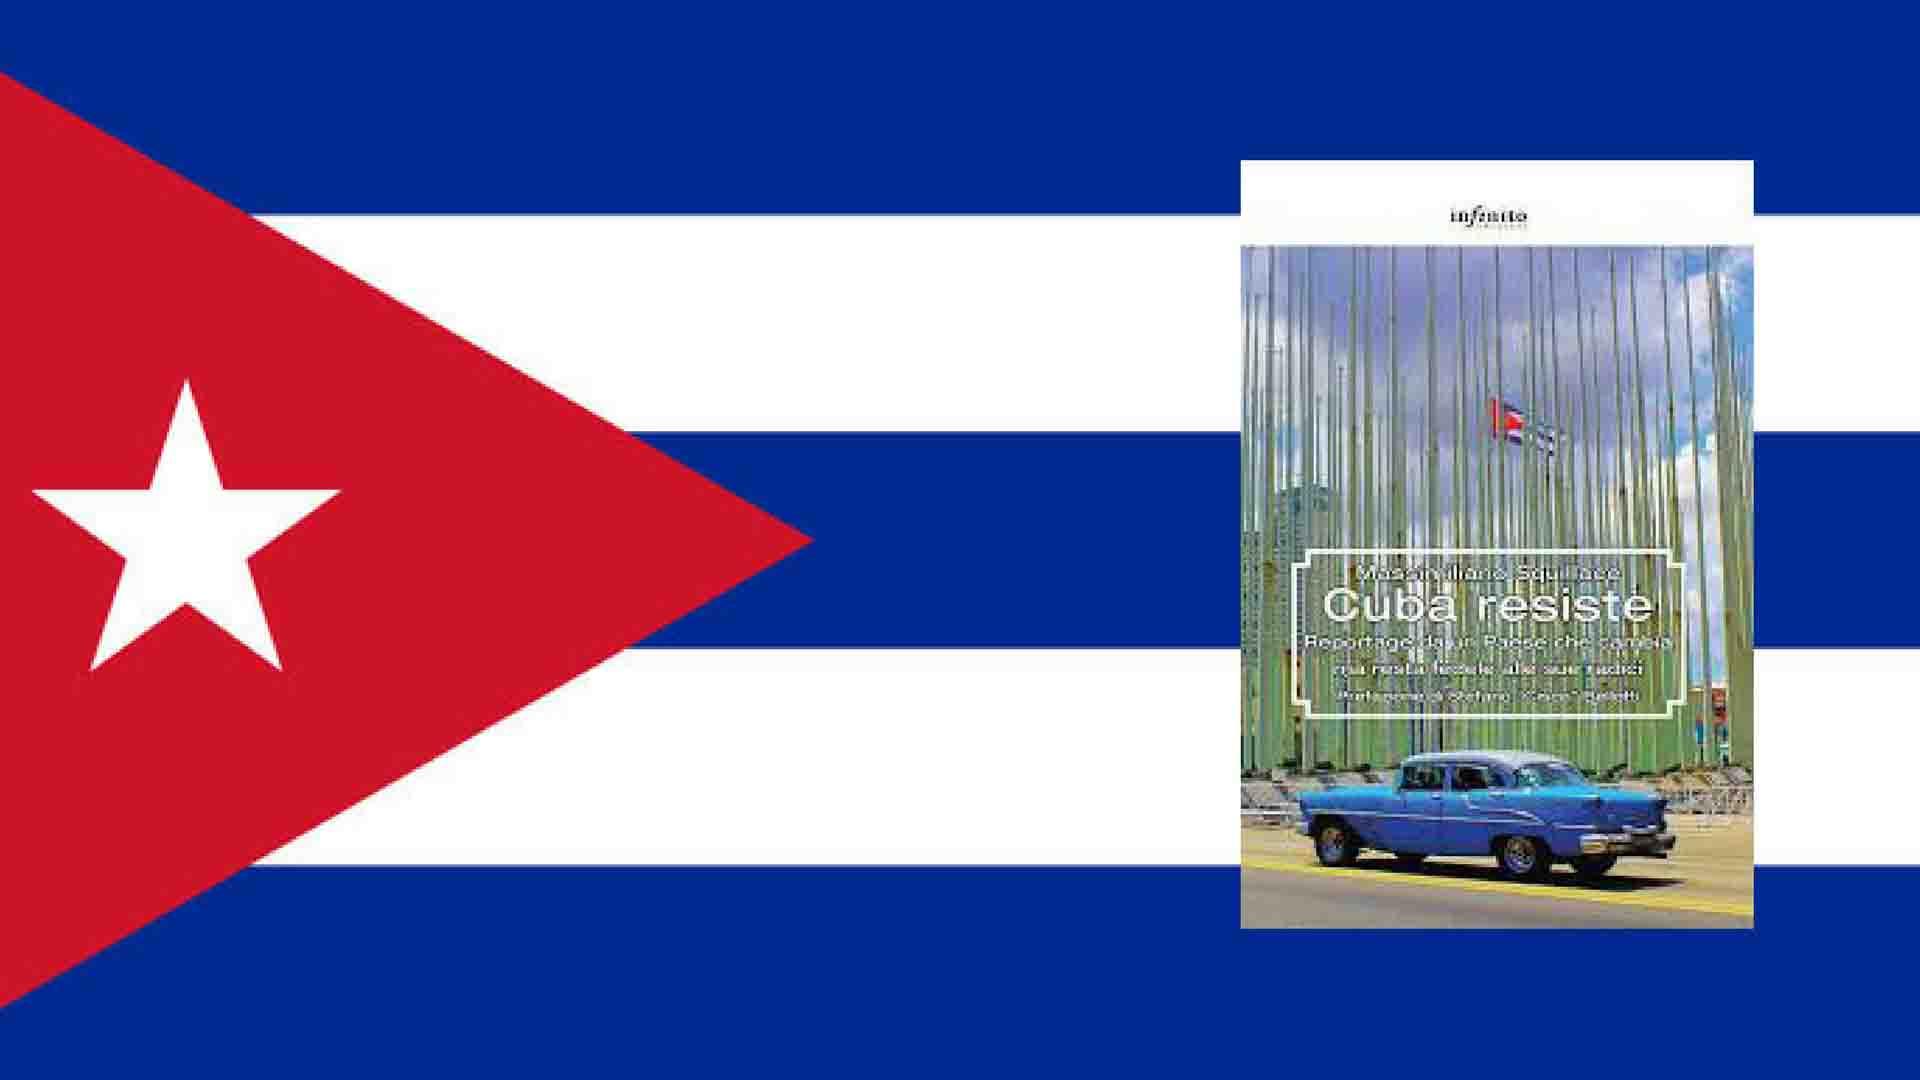 Un libro per le vacanze Cuba Resiste